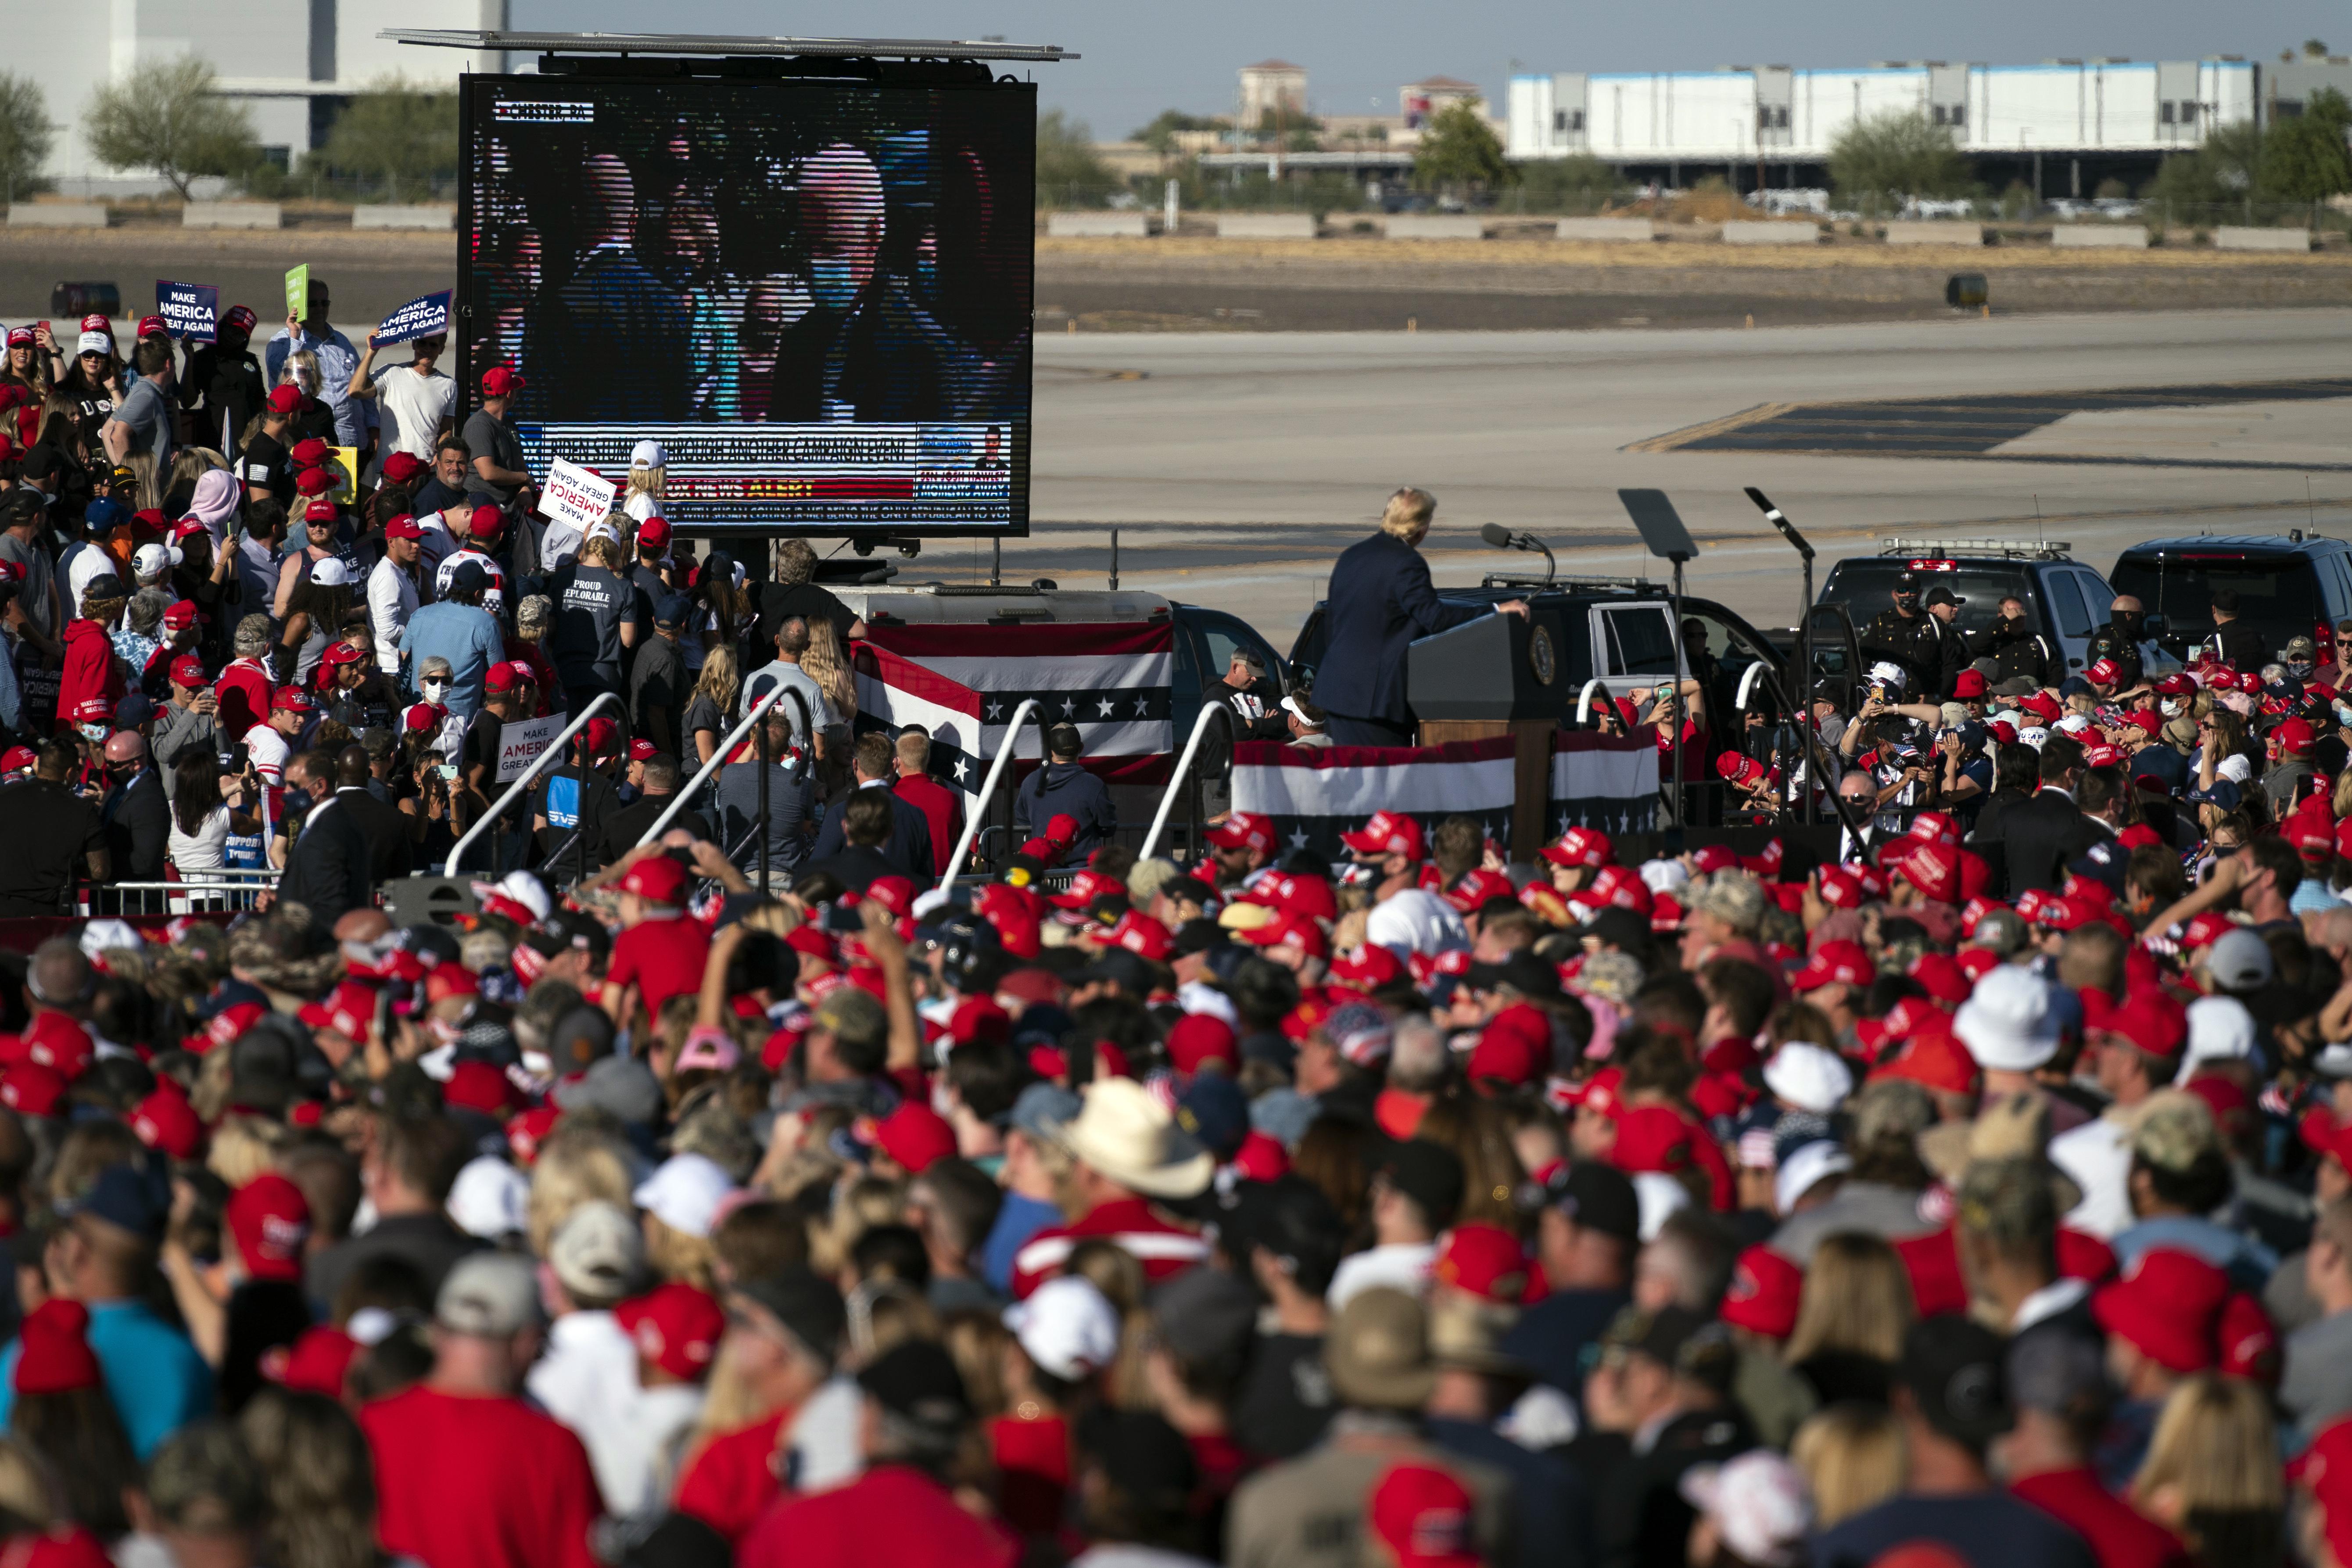 總統特朗普在亞利桑那州的鳳凰城固特異機場舉行競選集會,集會並播放抨擊民主黨總統候選人拜登的視頻。    美聯社